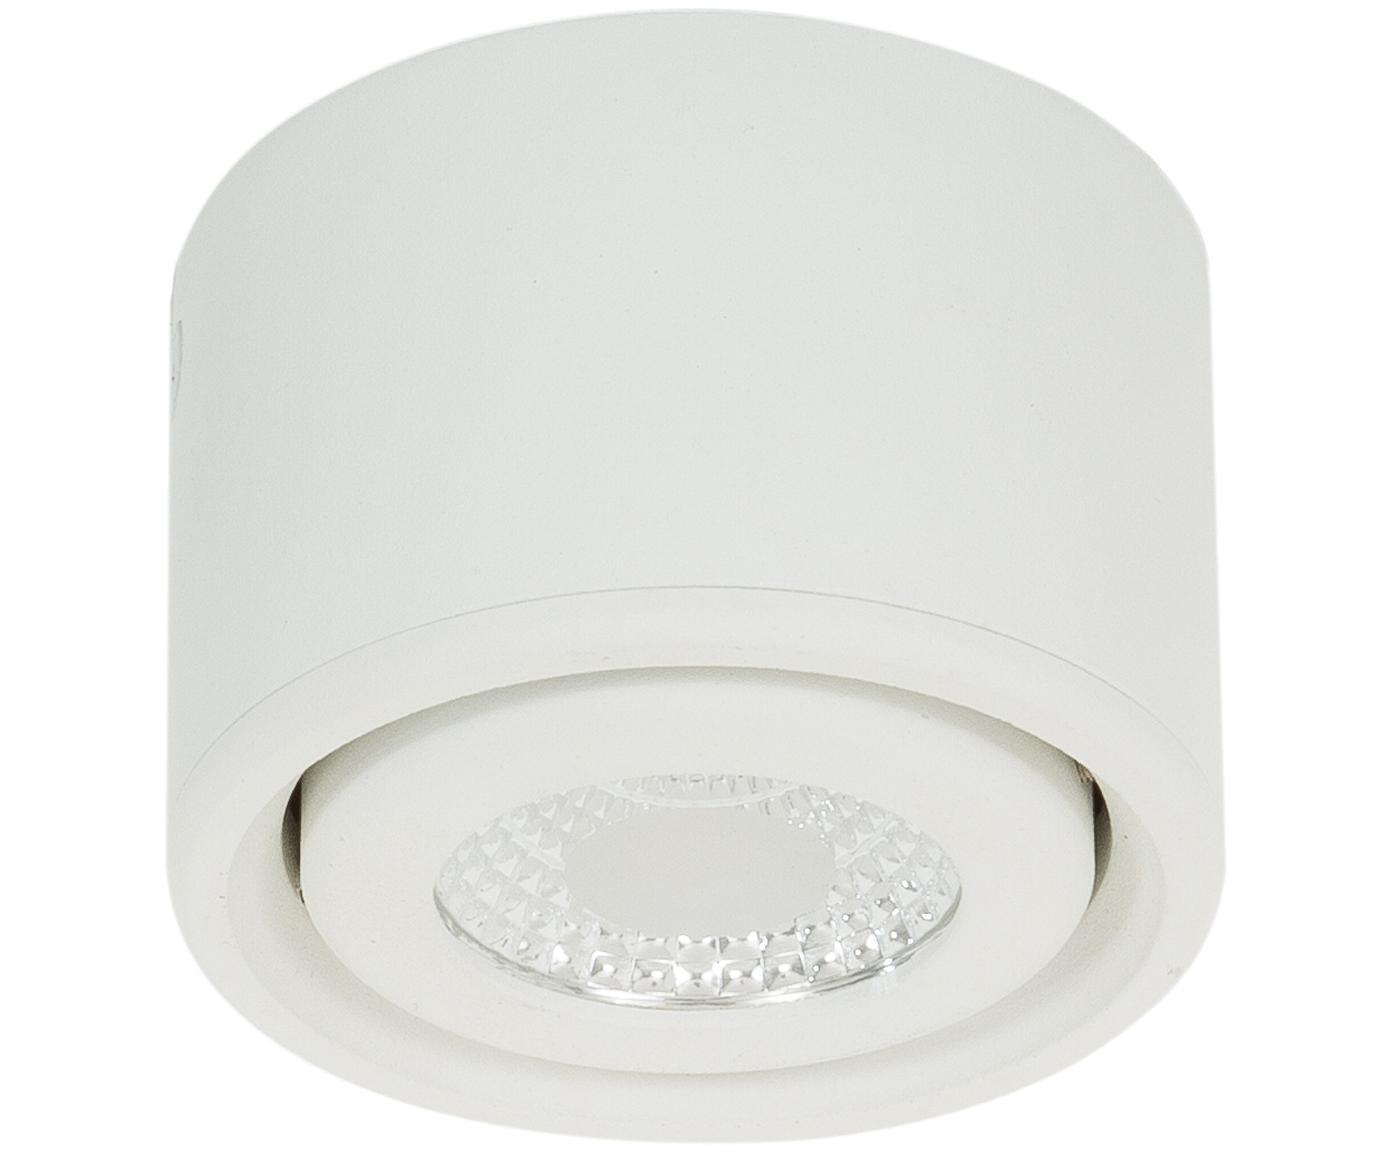 LED plafondspot Anzio in wit, Wit, Ø 8 x H 5 cm